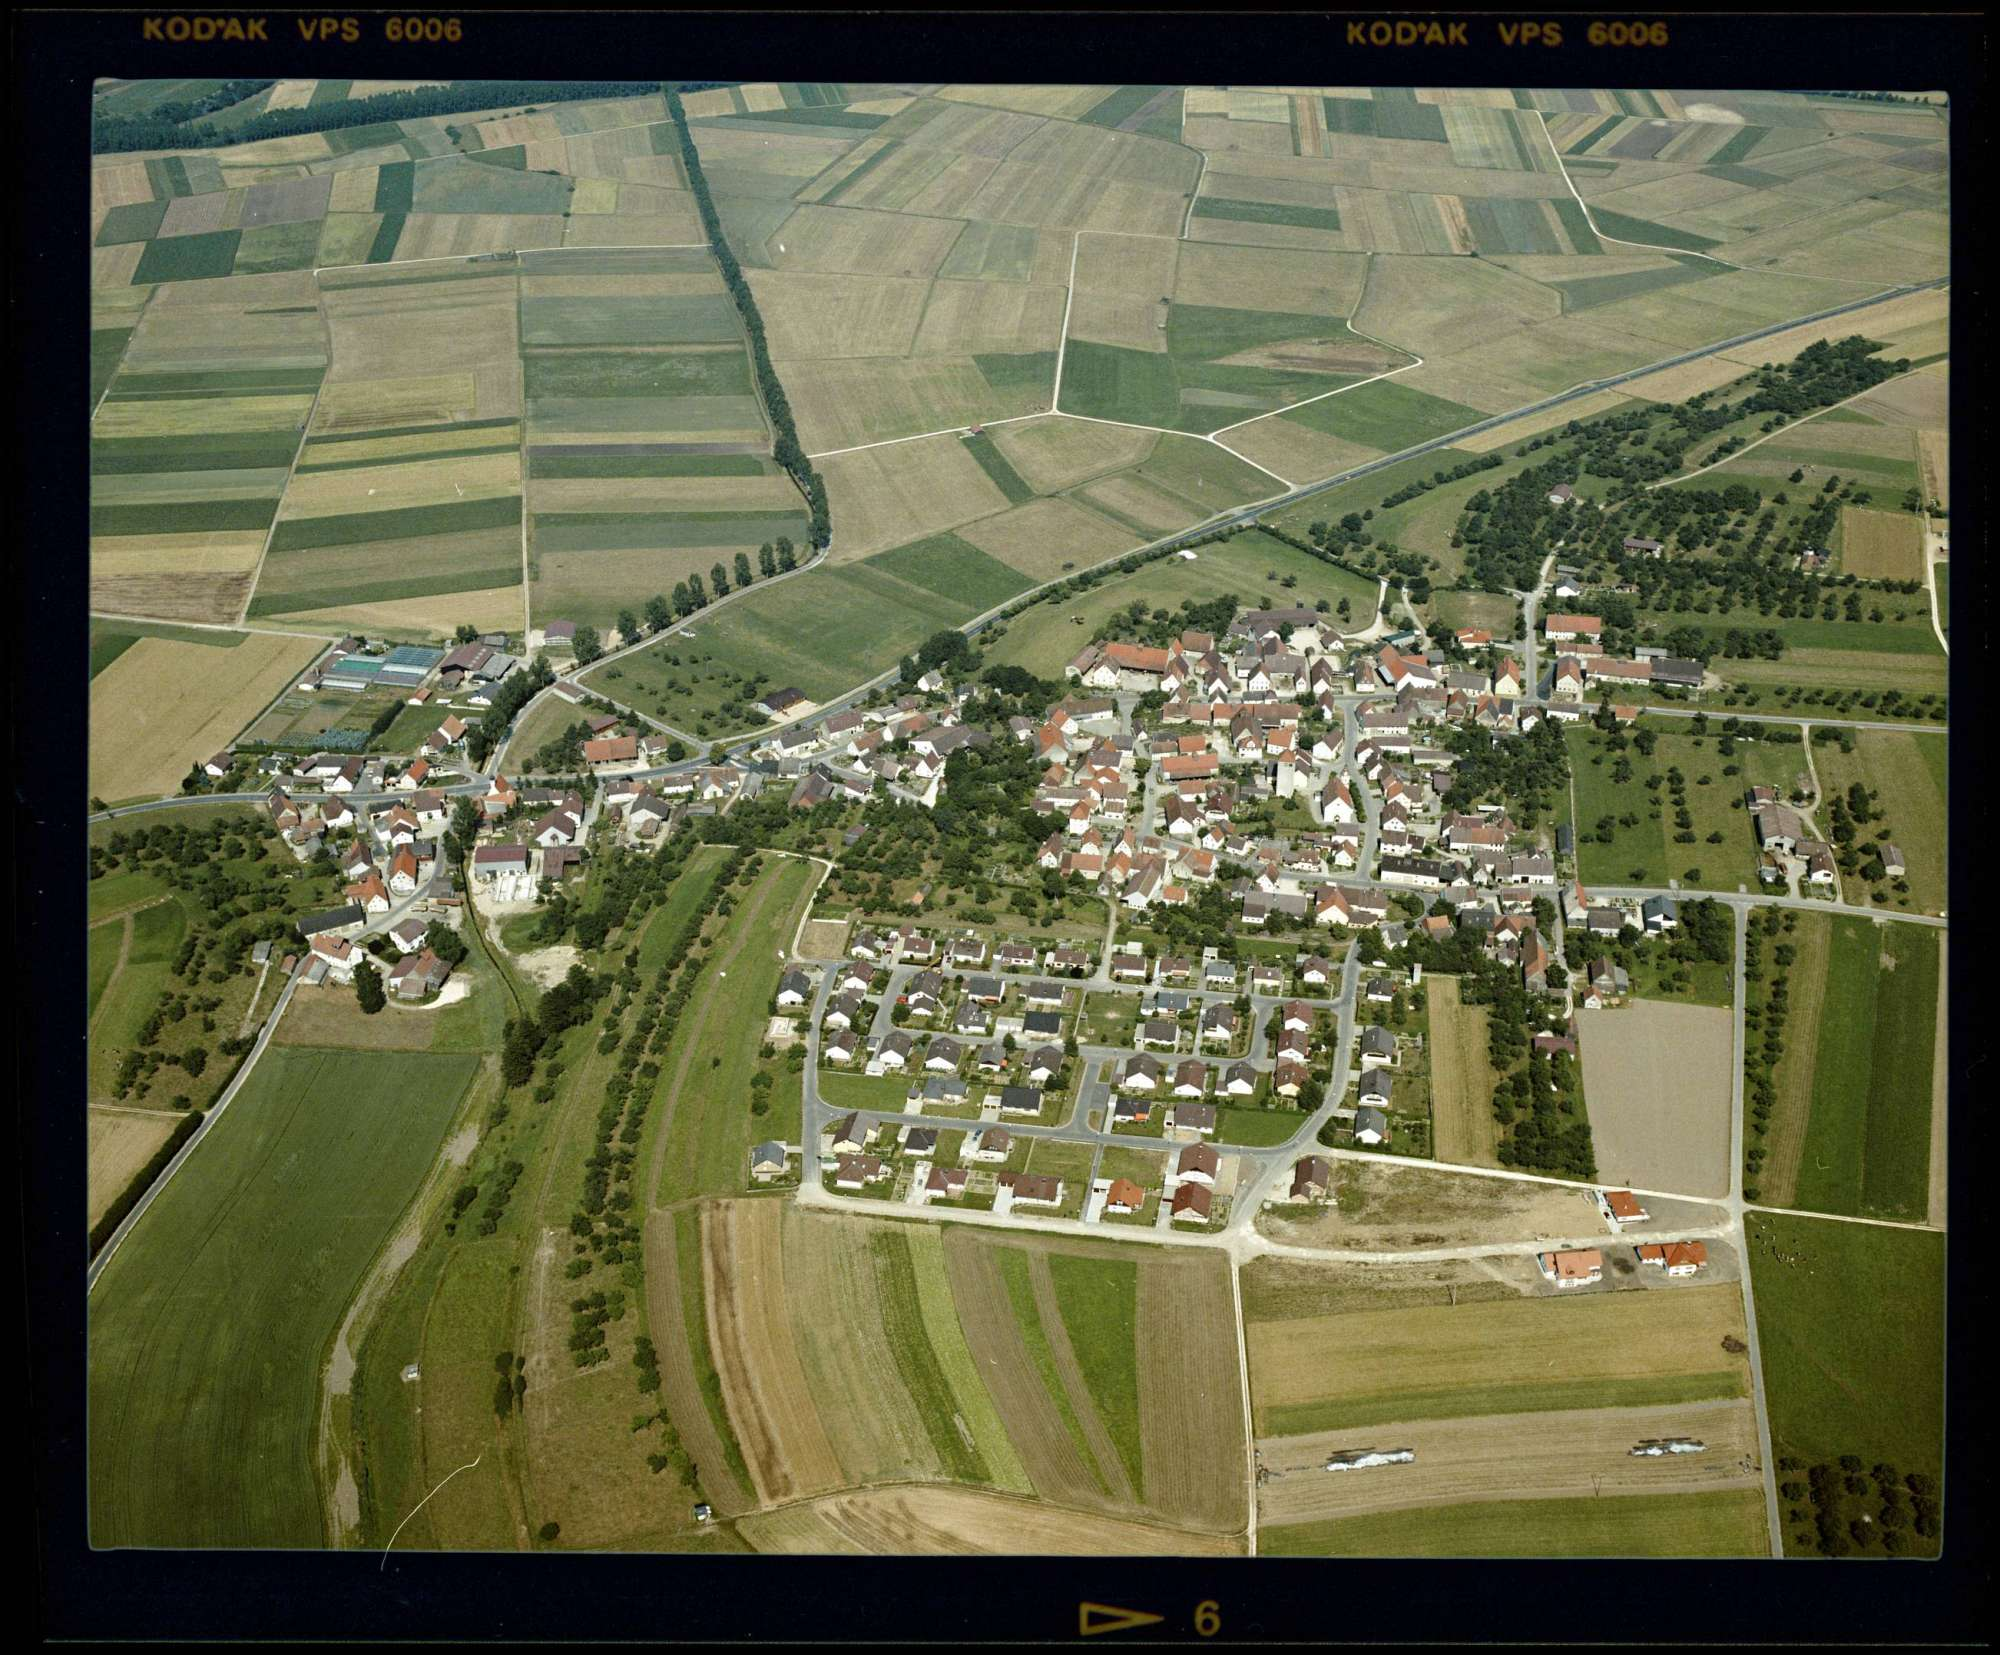 Emerkingen, Luftbild, Bild 1